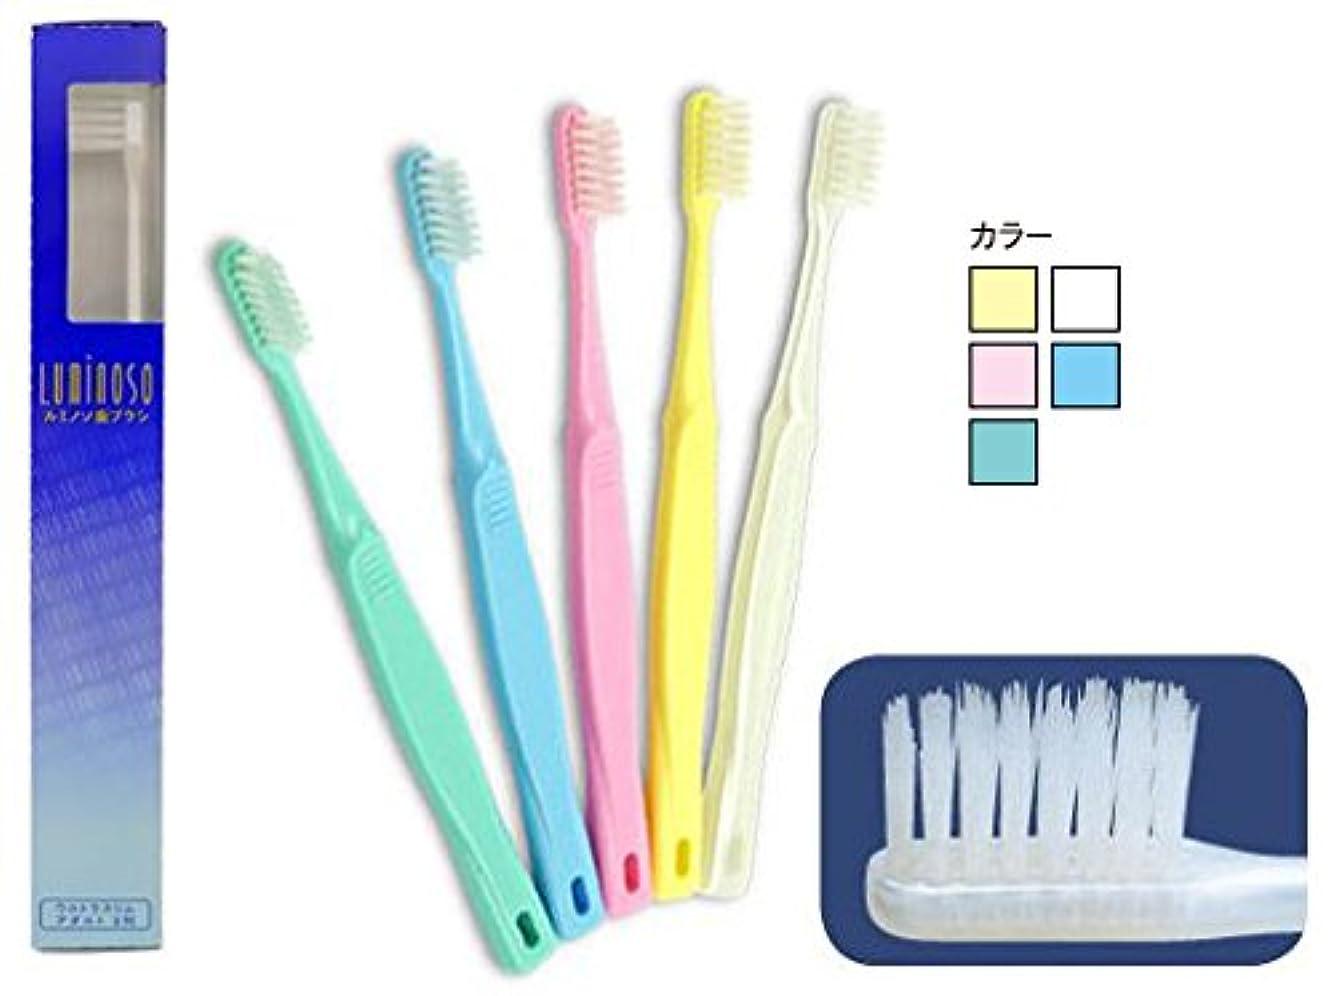 非難援助する彼らのルミノソ 歯ブラシ ウルトラスリム アダルト 3列 10本 (カラー指定不可)